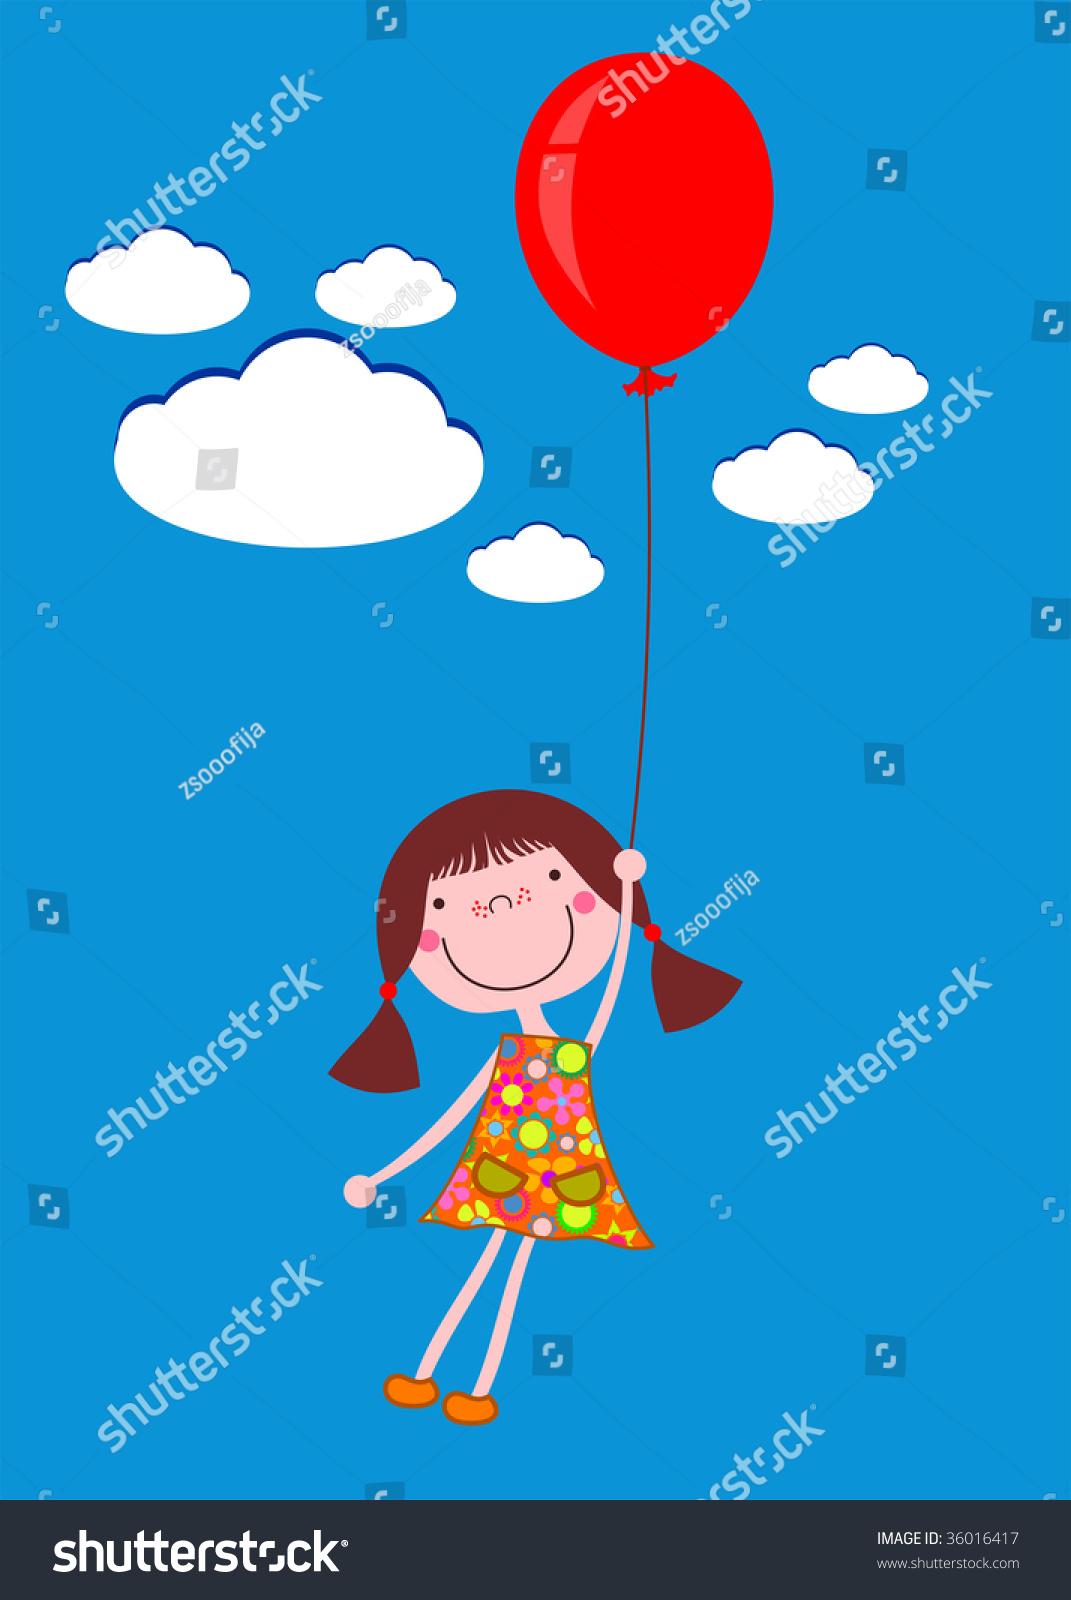 可爱的卡通小女孩与一个红色的气球飞行了向量看到我